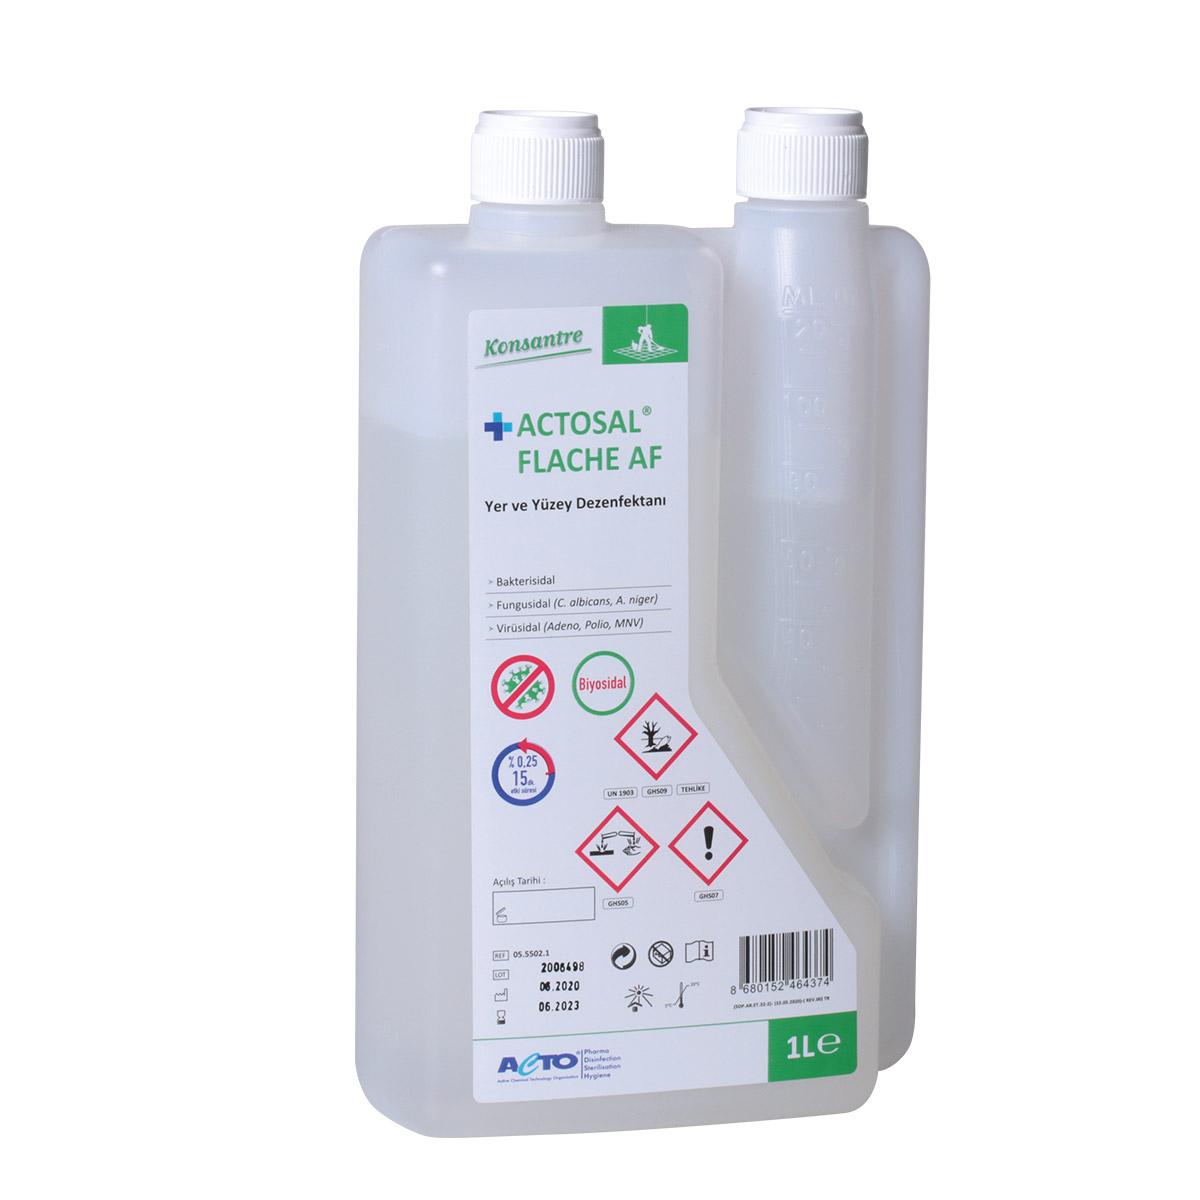 Actosal Flache AF 1 L